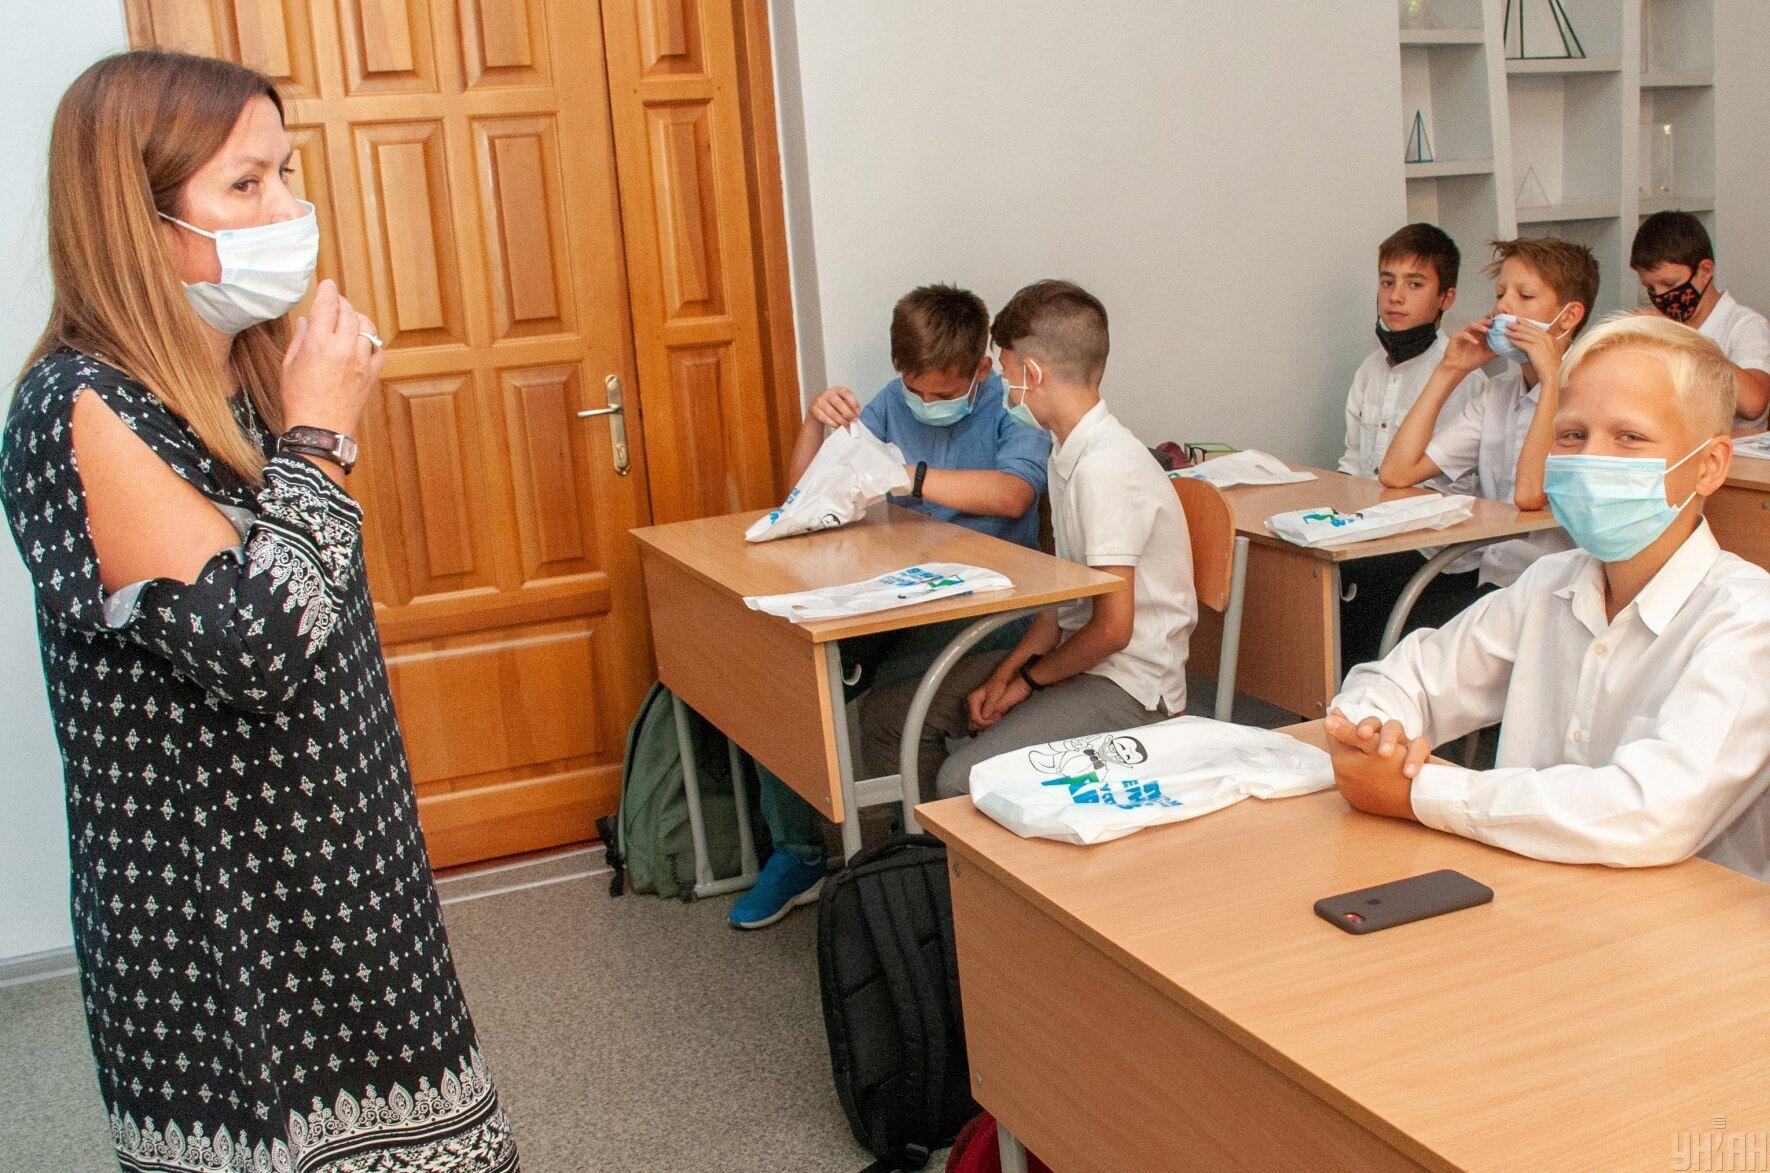 В некоторых городах весенние каникулы в школах начались раньше из-за увеличения случаев COVID-19 среди учеников и учителей